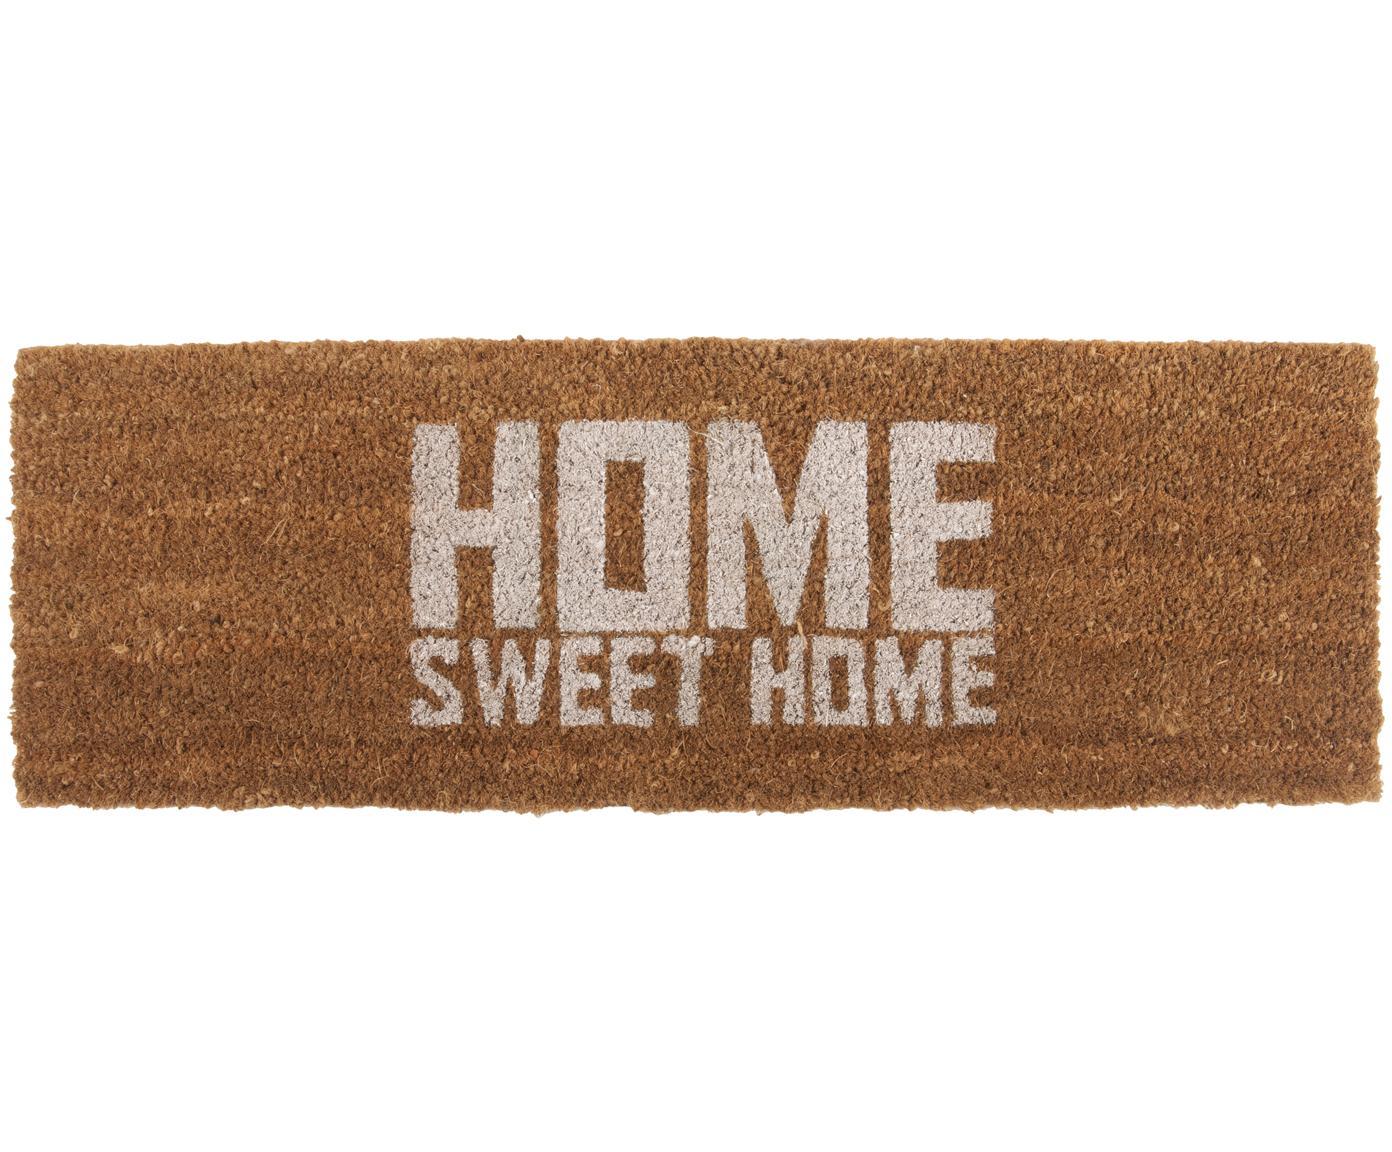 Wycieraczka Home Sweet Home, Włókno kokosowe, Brązowy, biały, S 26 x D 77 cm